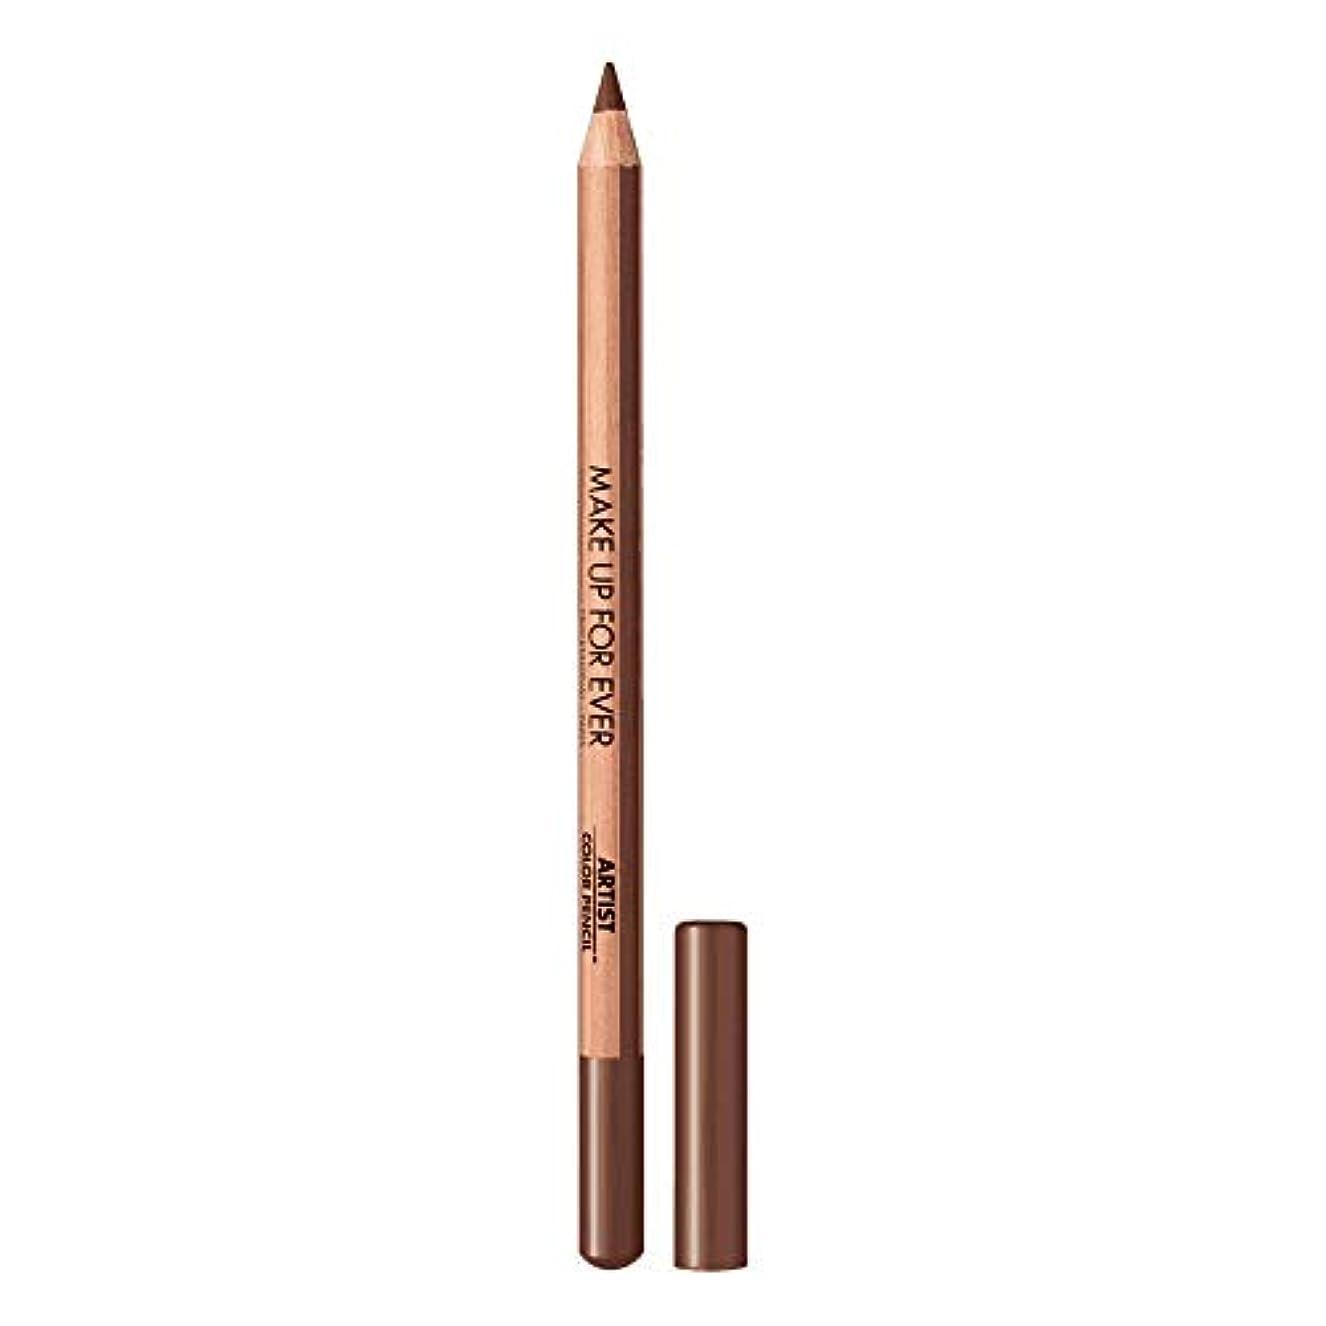 少ない先見の明足首メイクアップフォーエバー Artist Color Pencil - # 608 Limitless Brown 1.41g/0.04oz並行輸入品